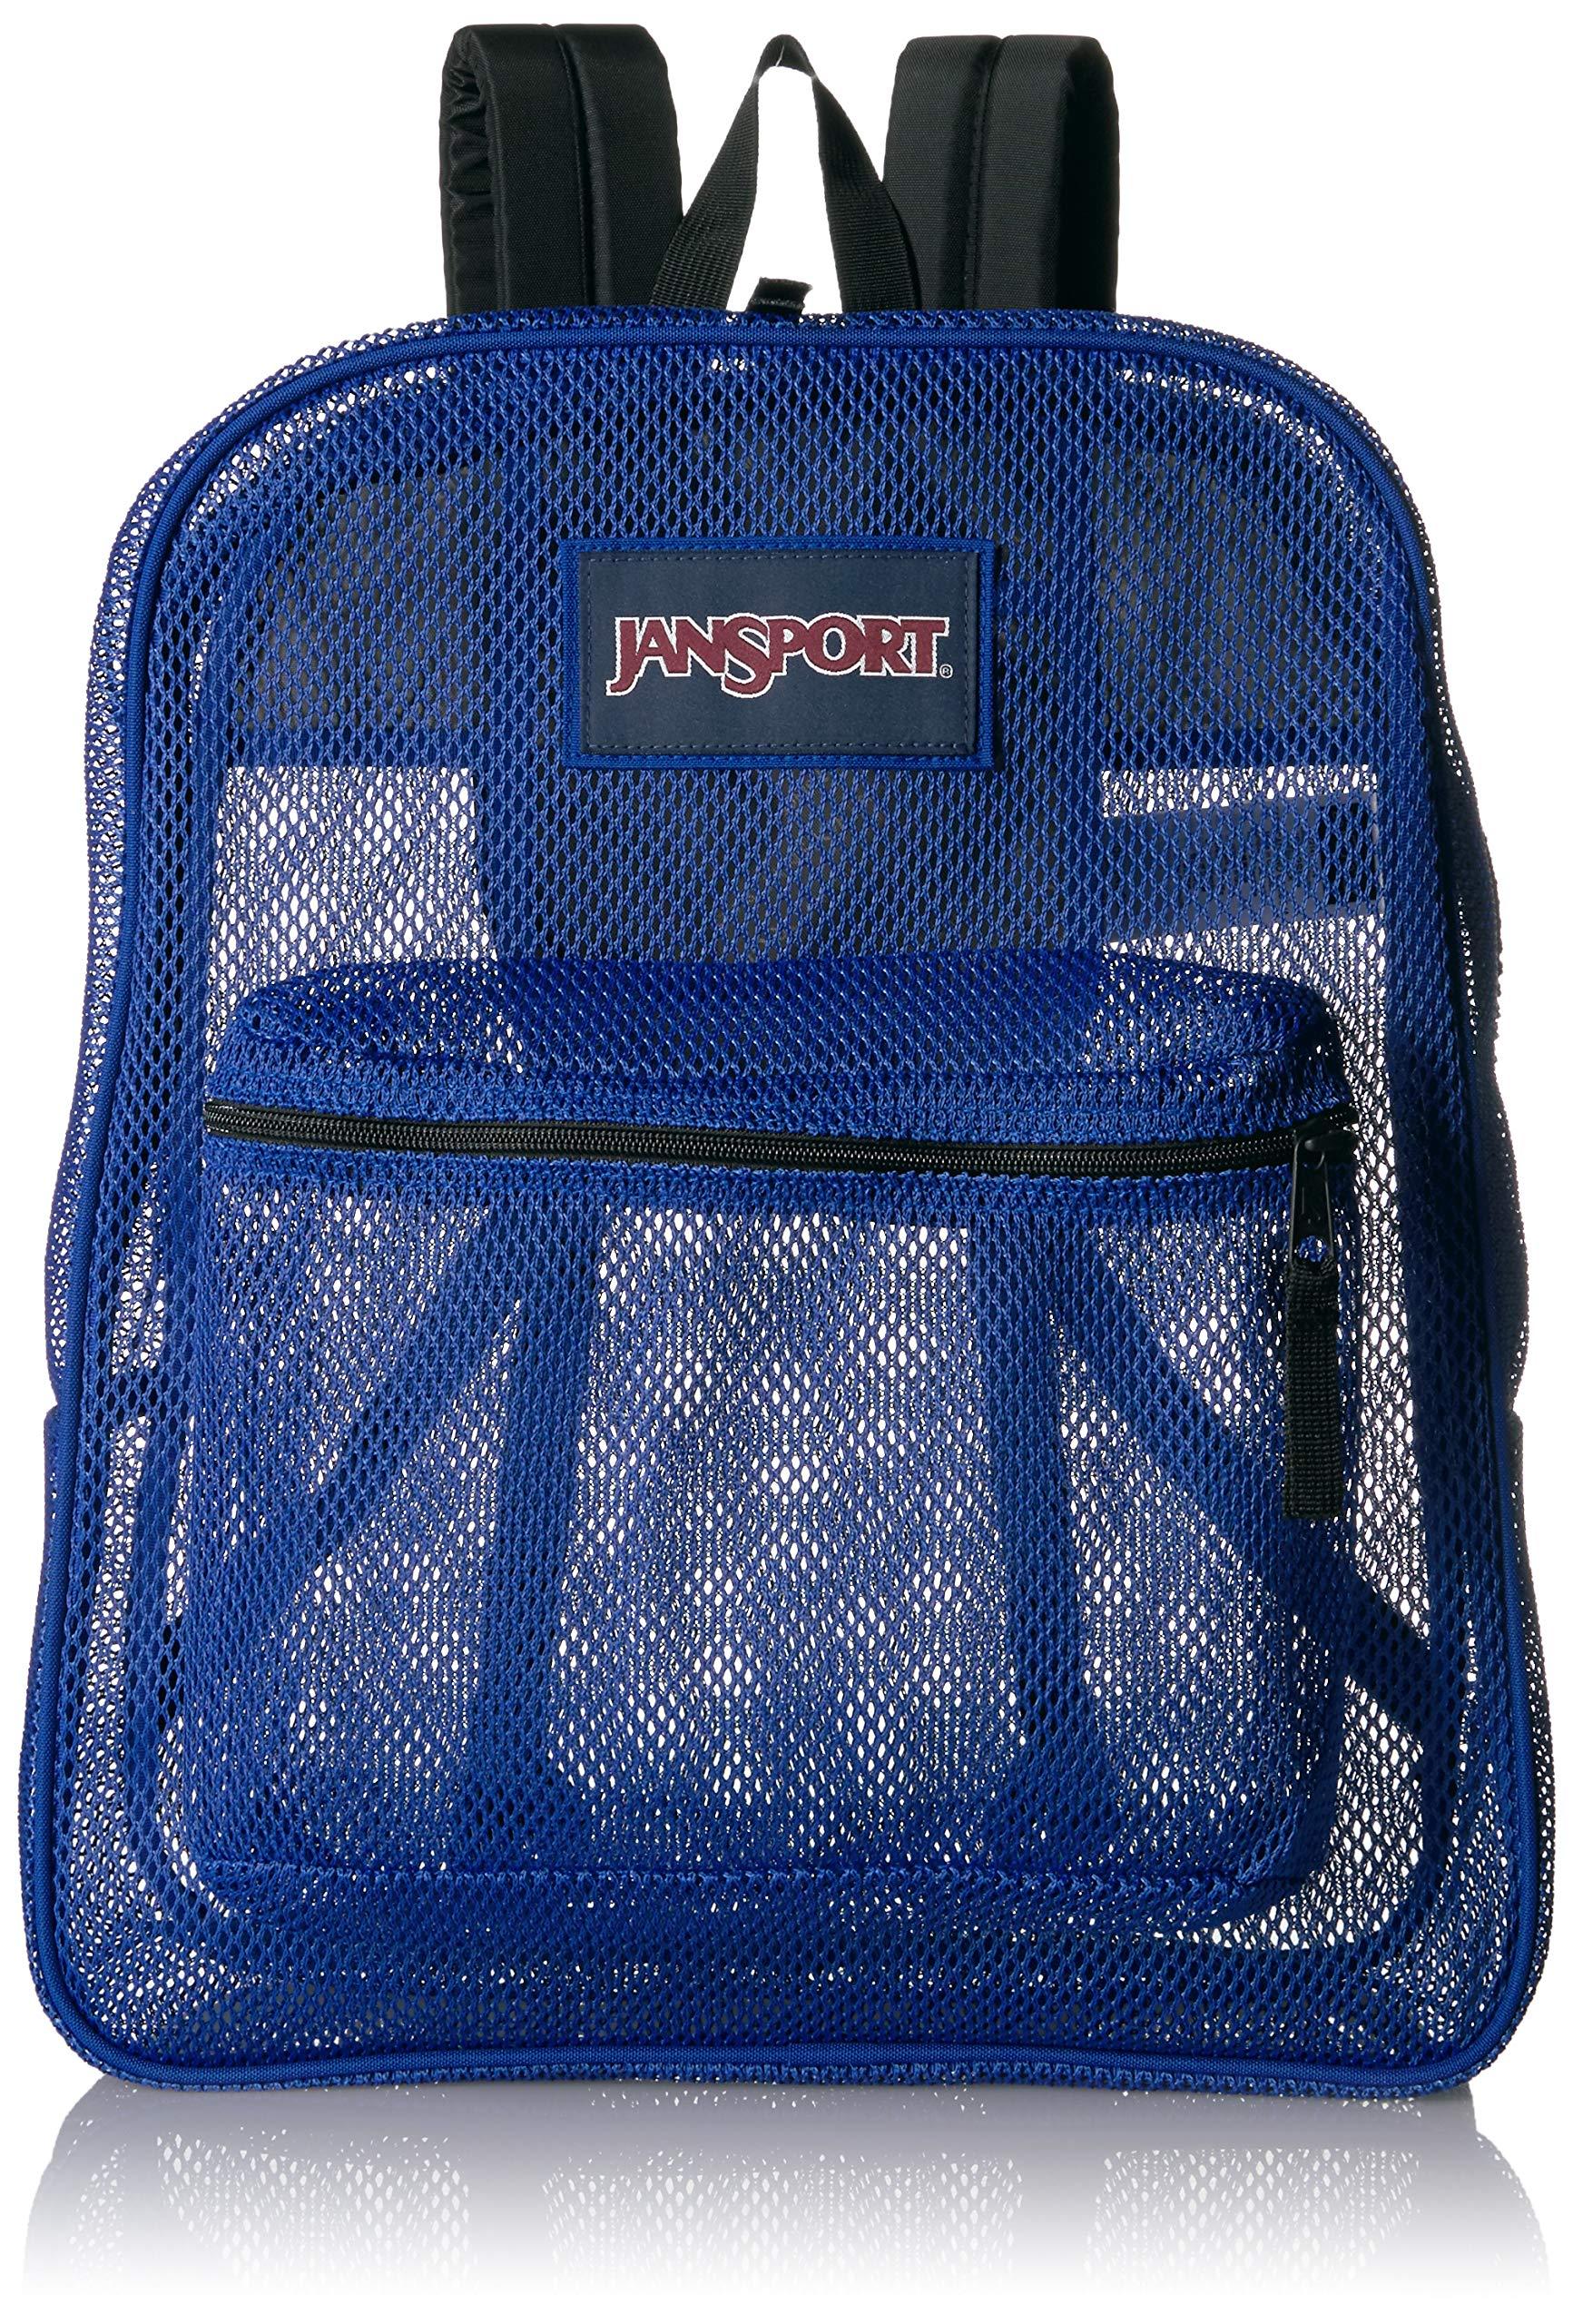 JanSport Mesh Pack Backpack Regal Blue